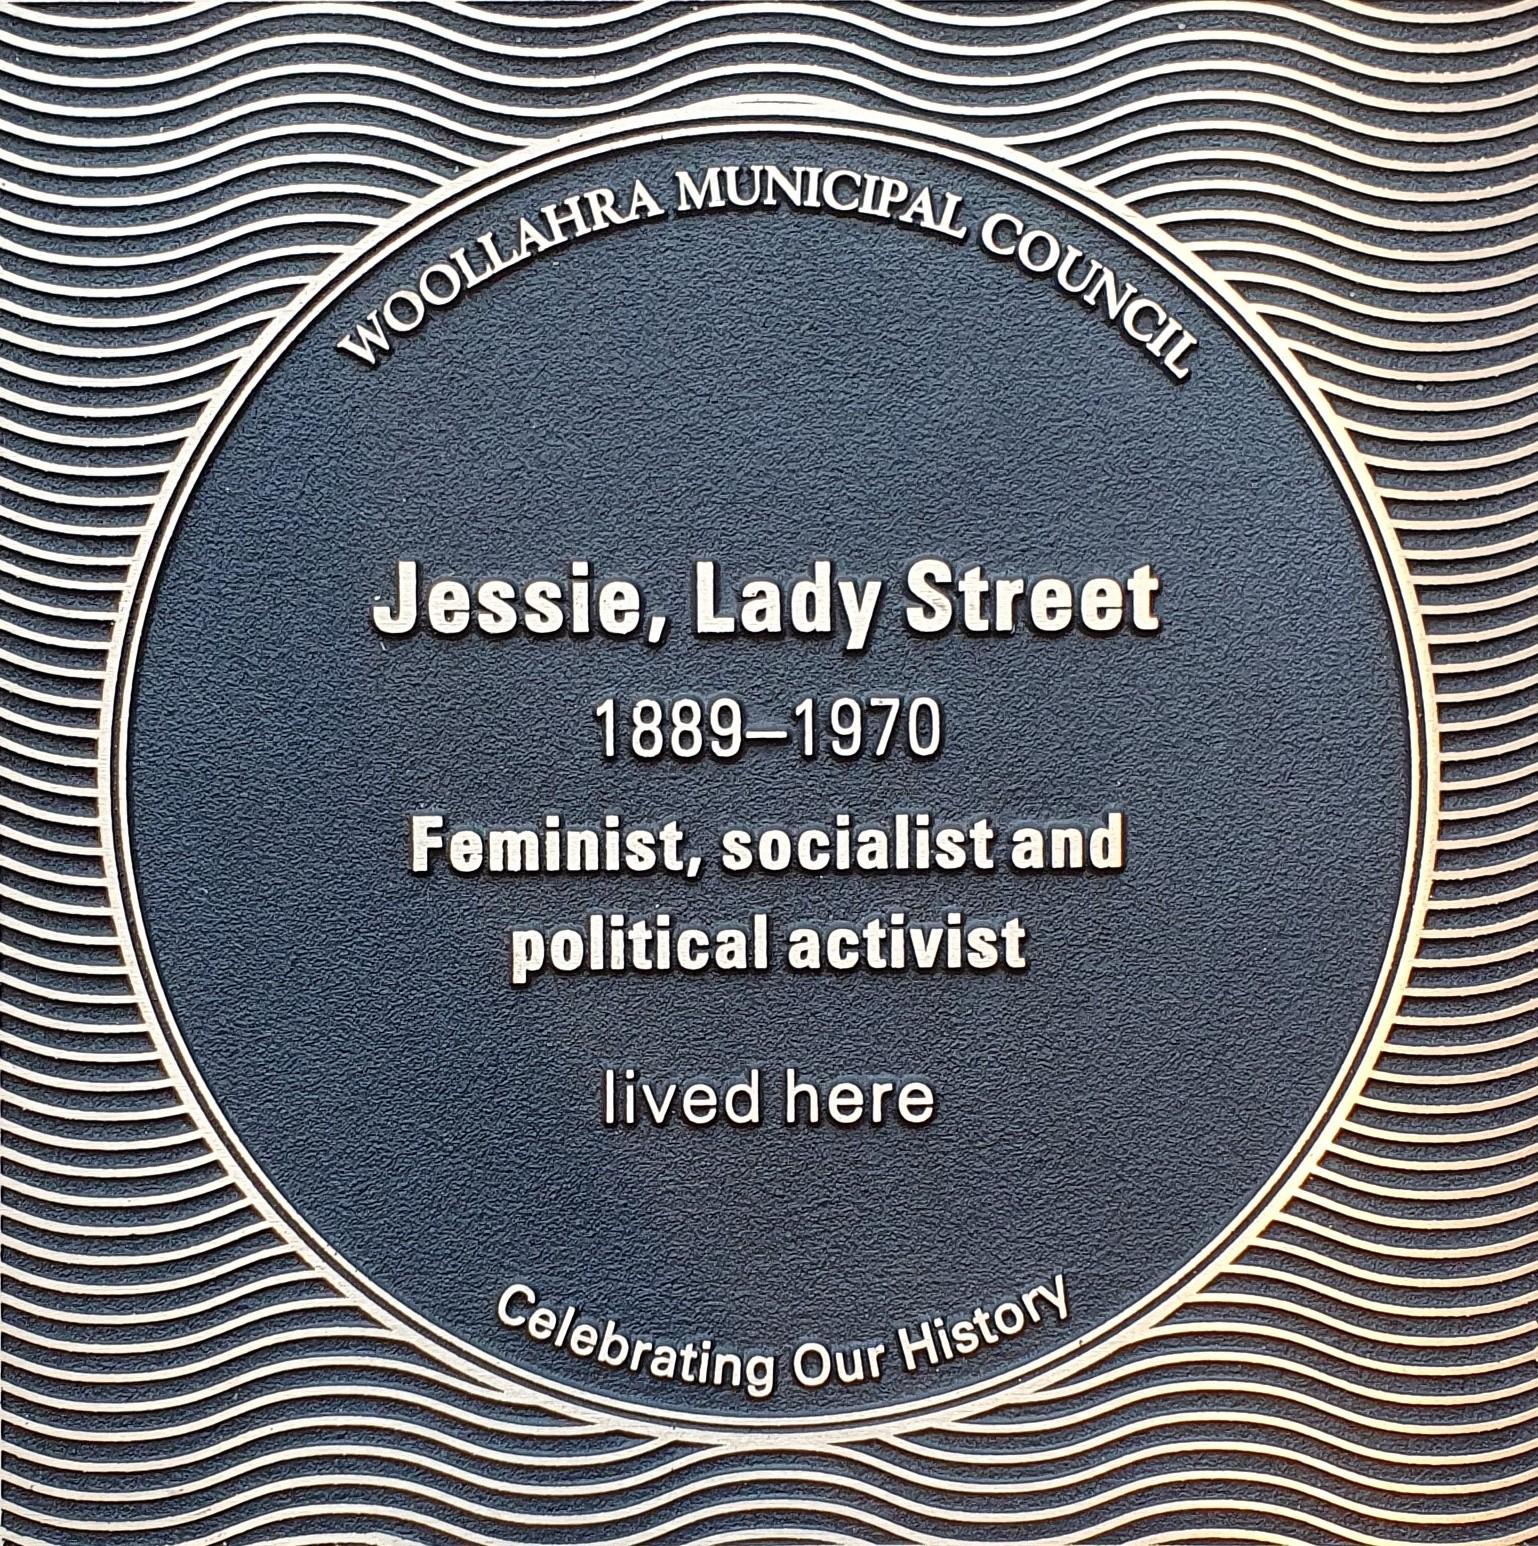 Jessie, Lady Street plaque